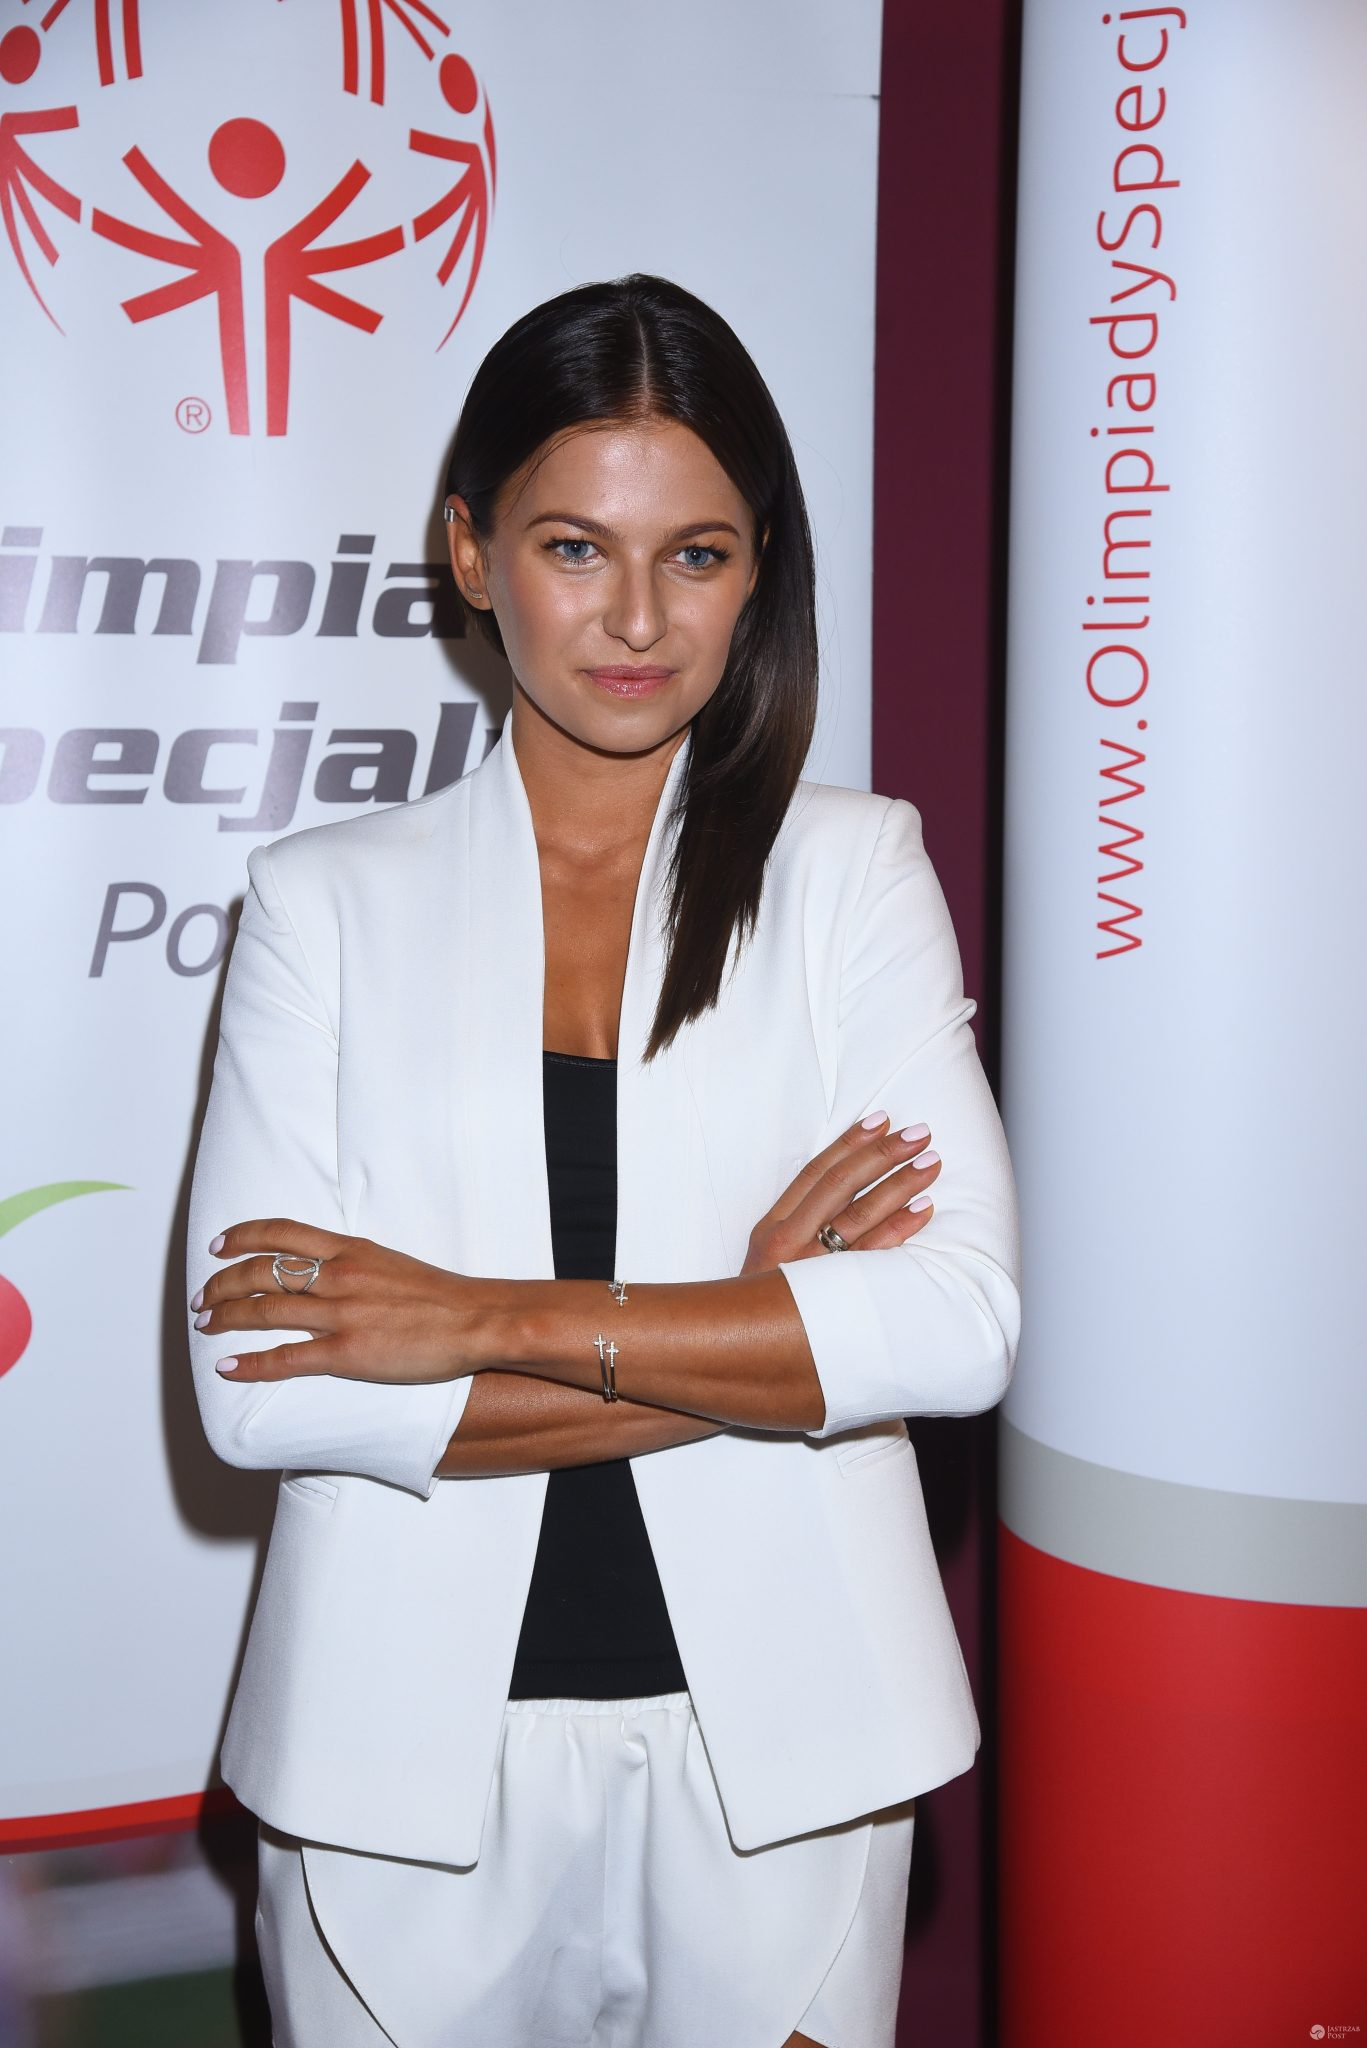 Anna Lewandowska na konferencji Olimpiad Specjalnych Polska